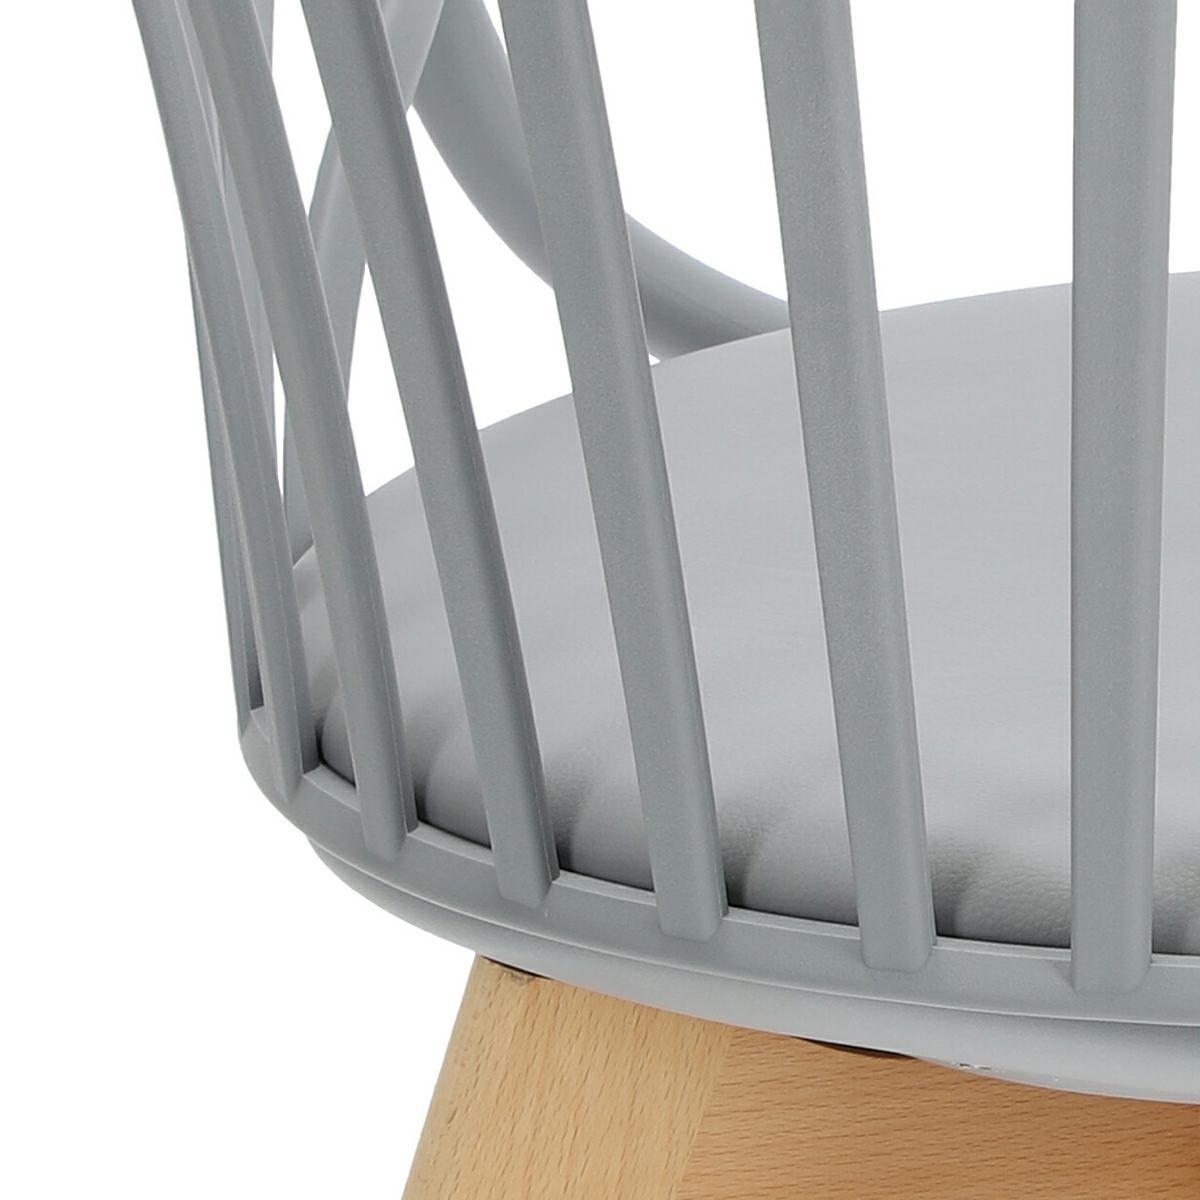 Krzesło Sirena z podłokietnikami szare - zdjęcie nr 20